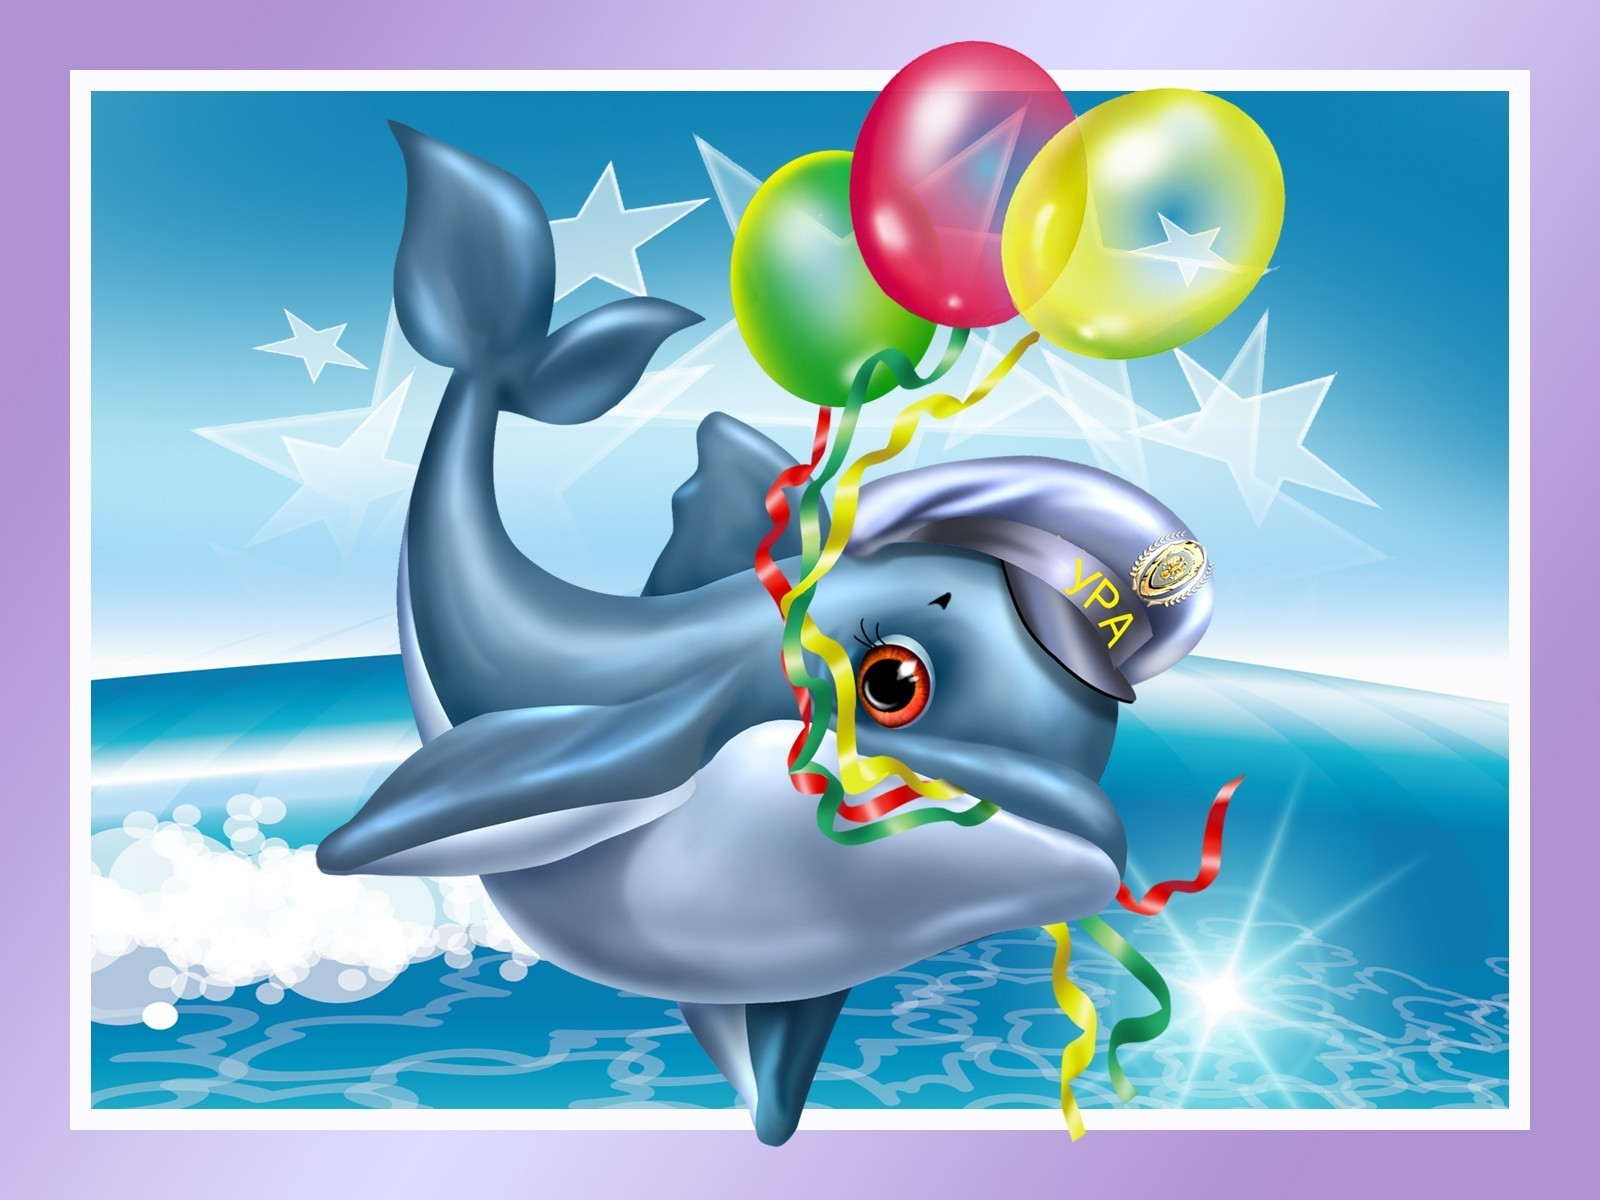 Прикольные поздравления с днем рождения другу моряку